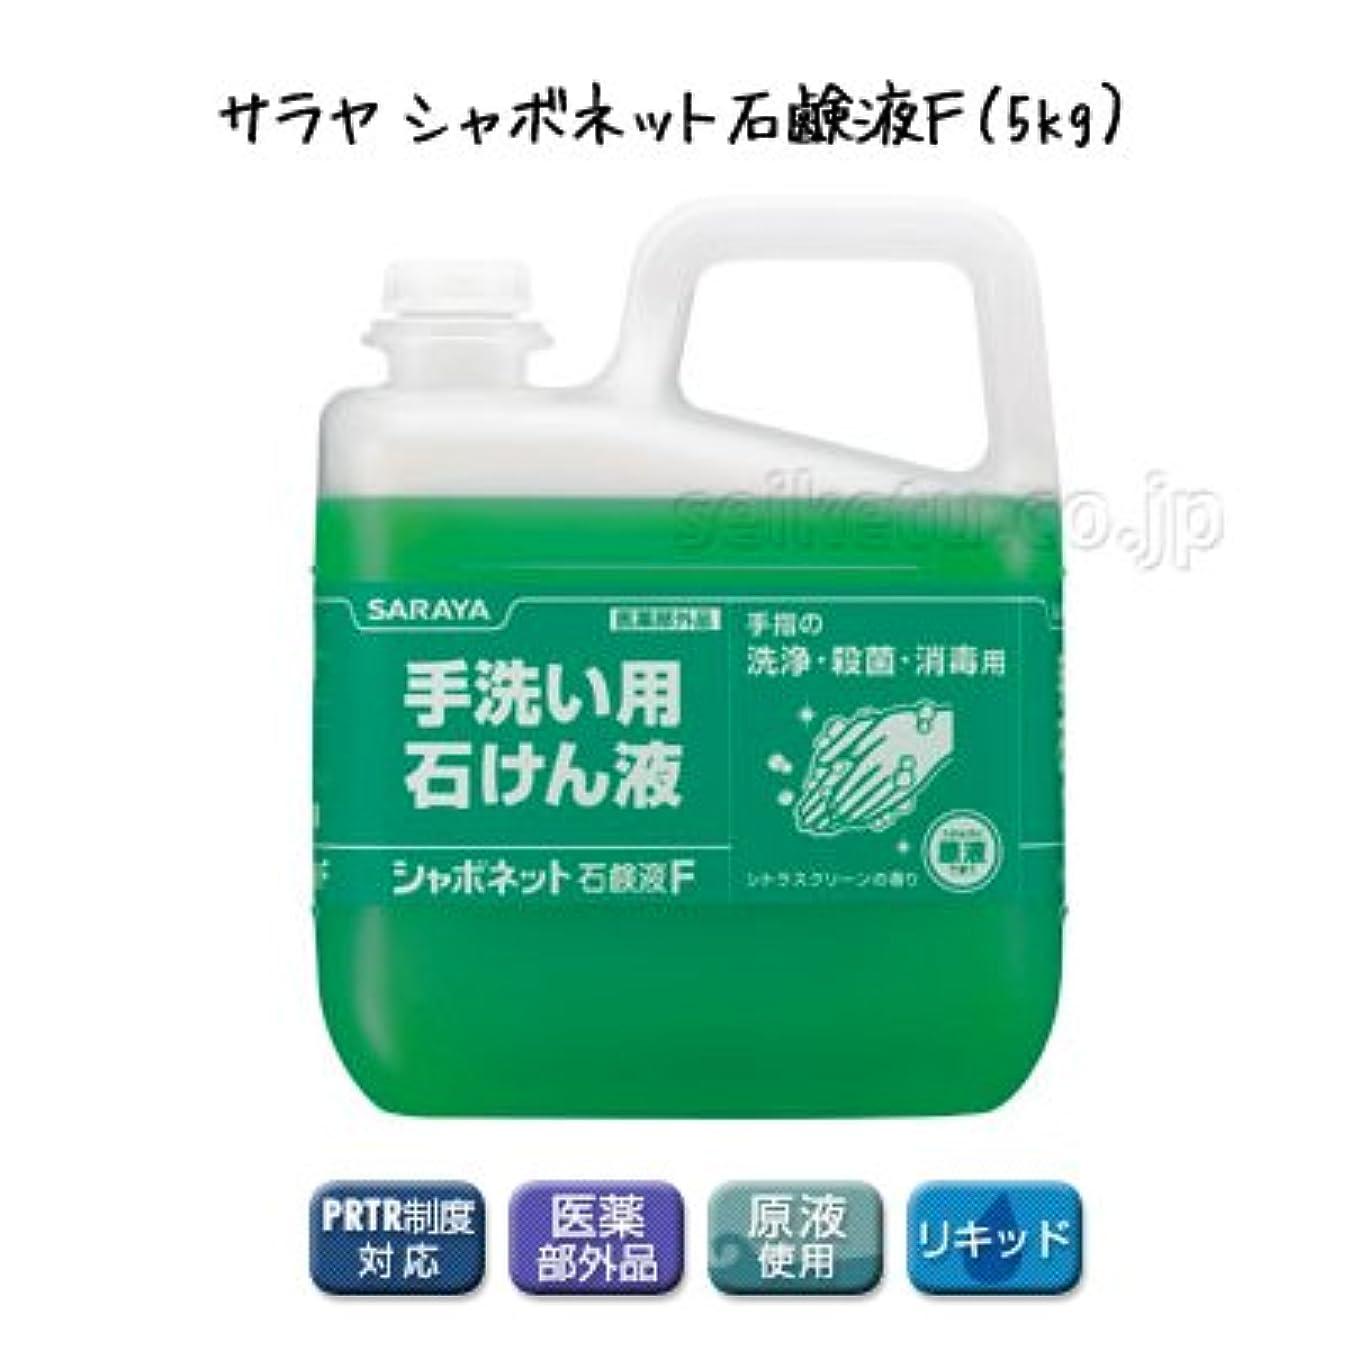 略すエーカー落花生【清潔キレイ館】サラヤ シャボネット石鹸液F(5kg)